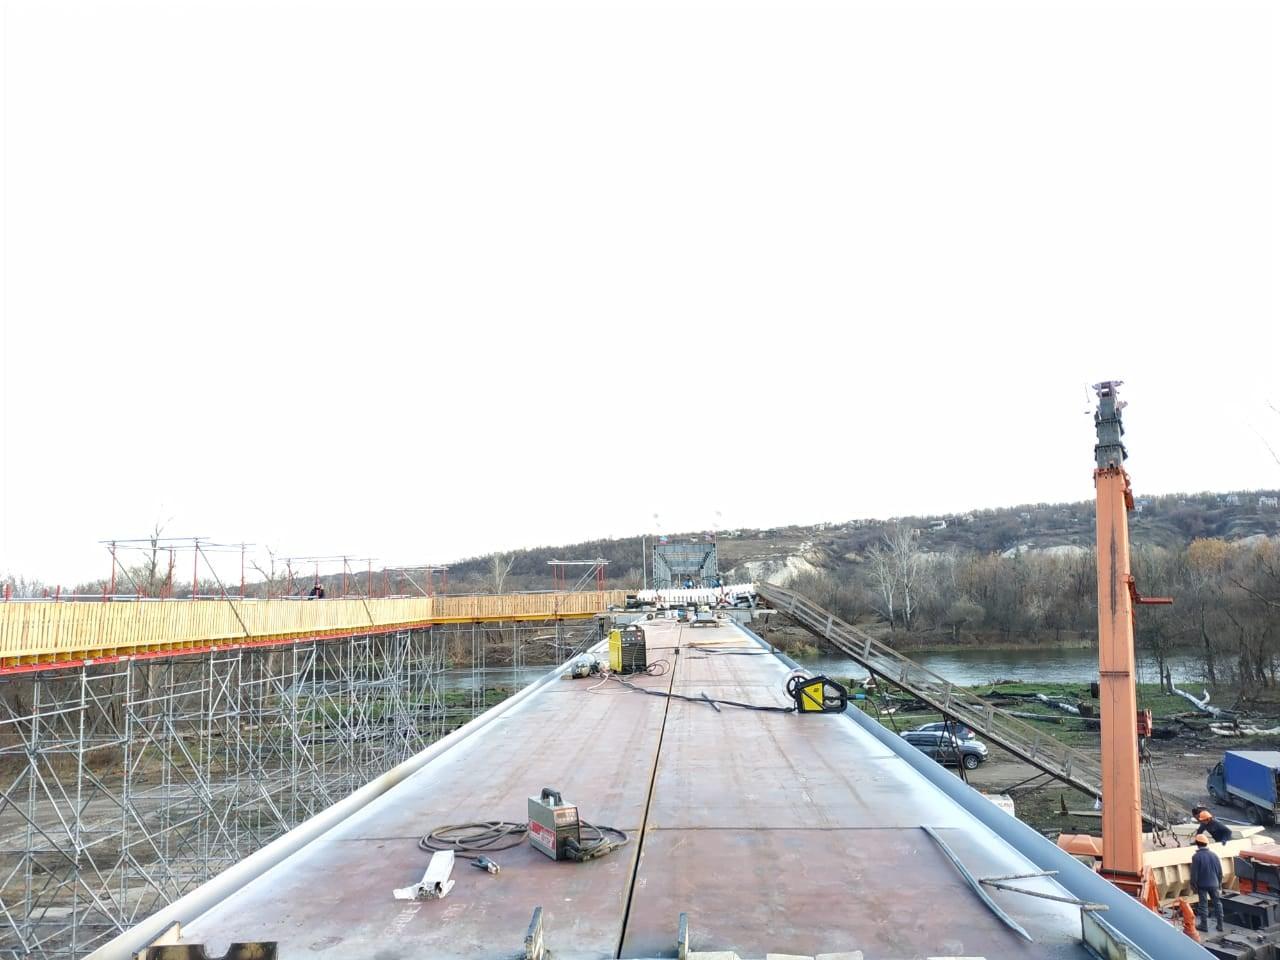 На отремонтированном мосту в Станице Луганской закончили укладку металлоконструкций